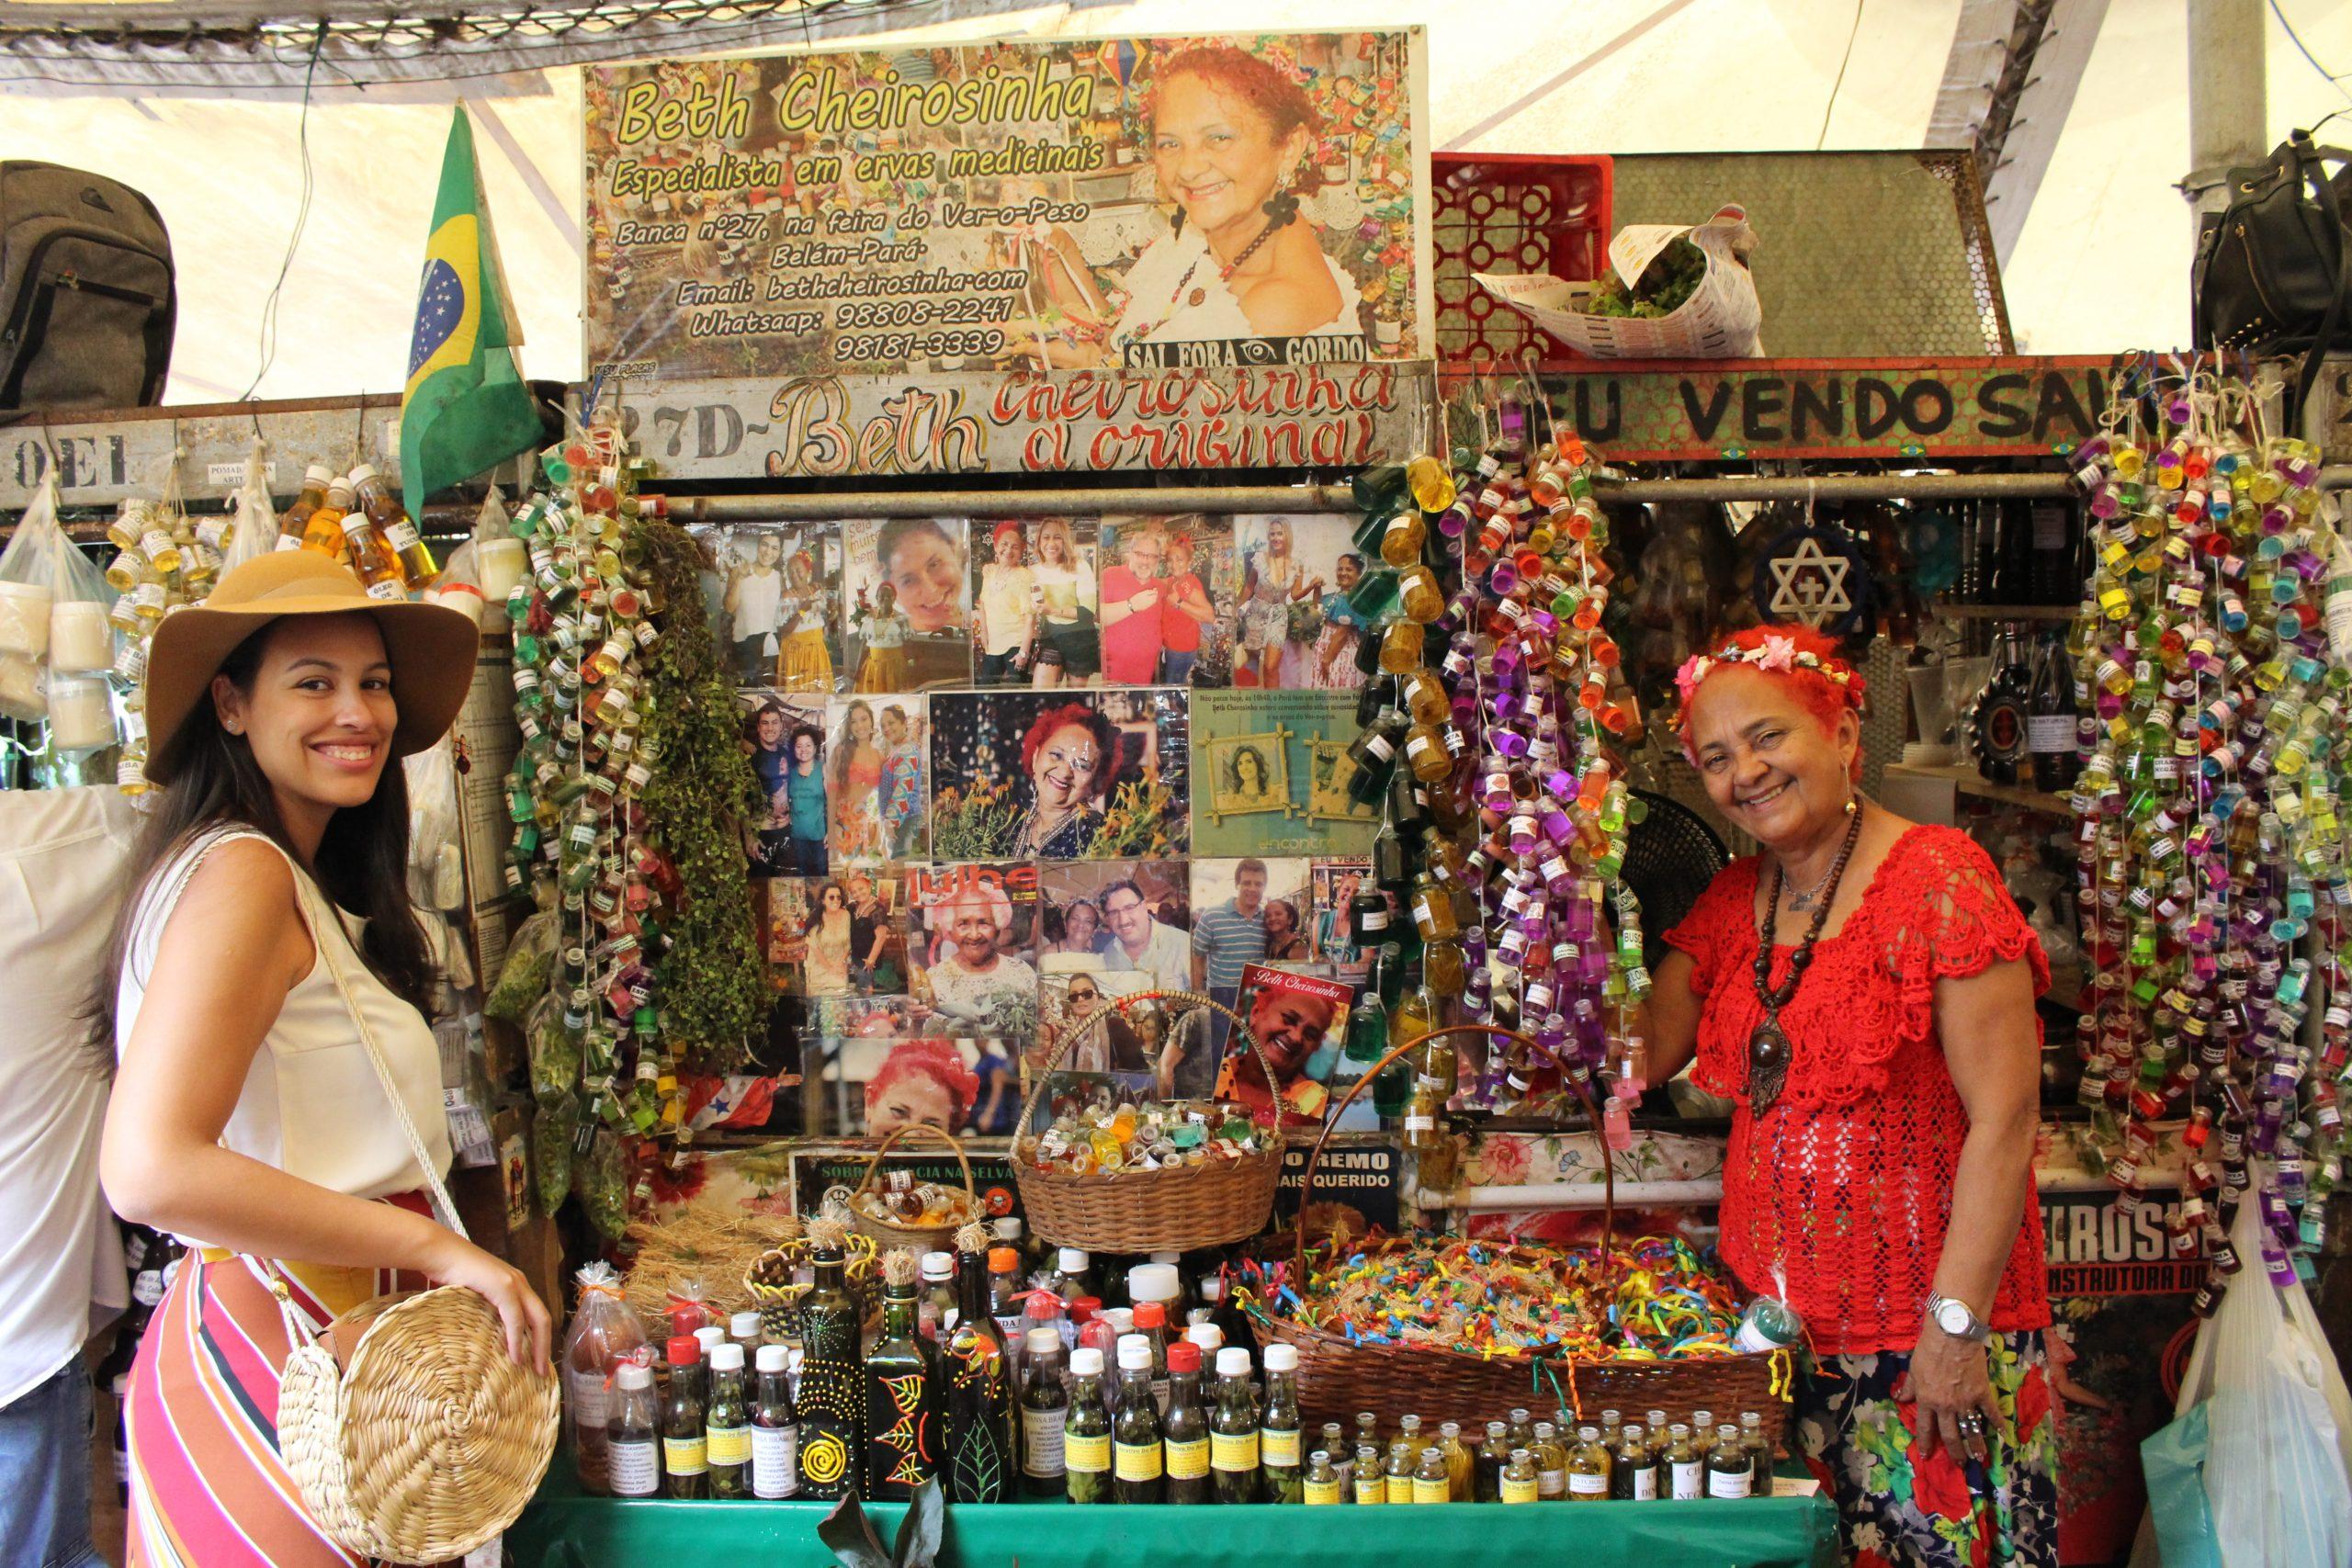 mercado-_ver_o_peso_beth_cherosinha